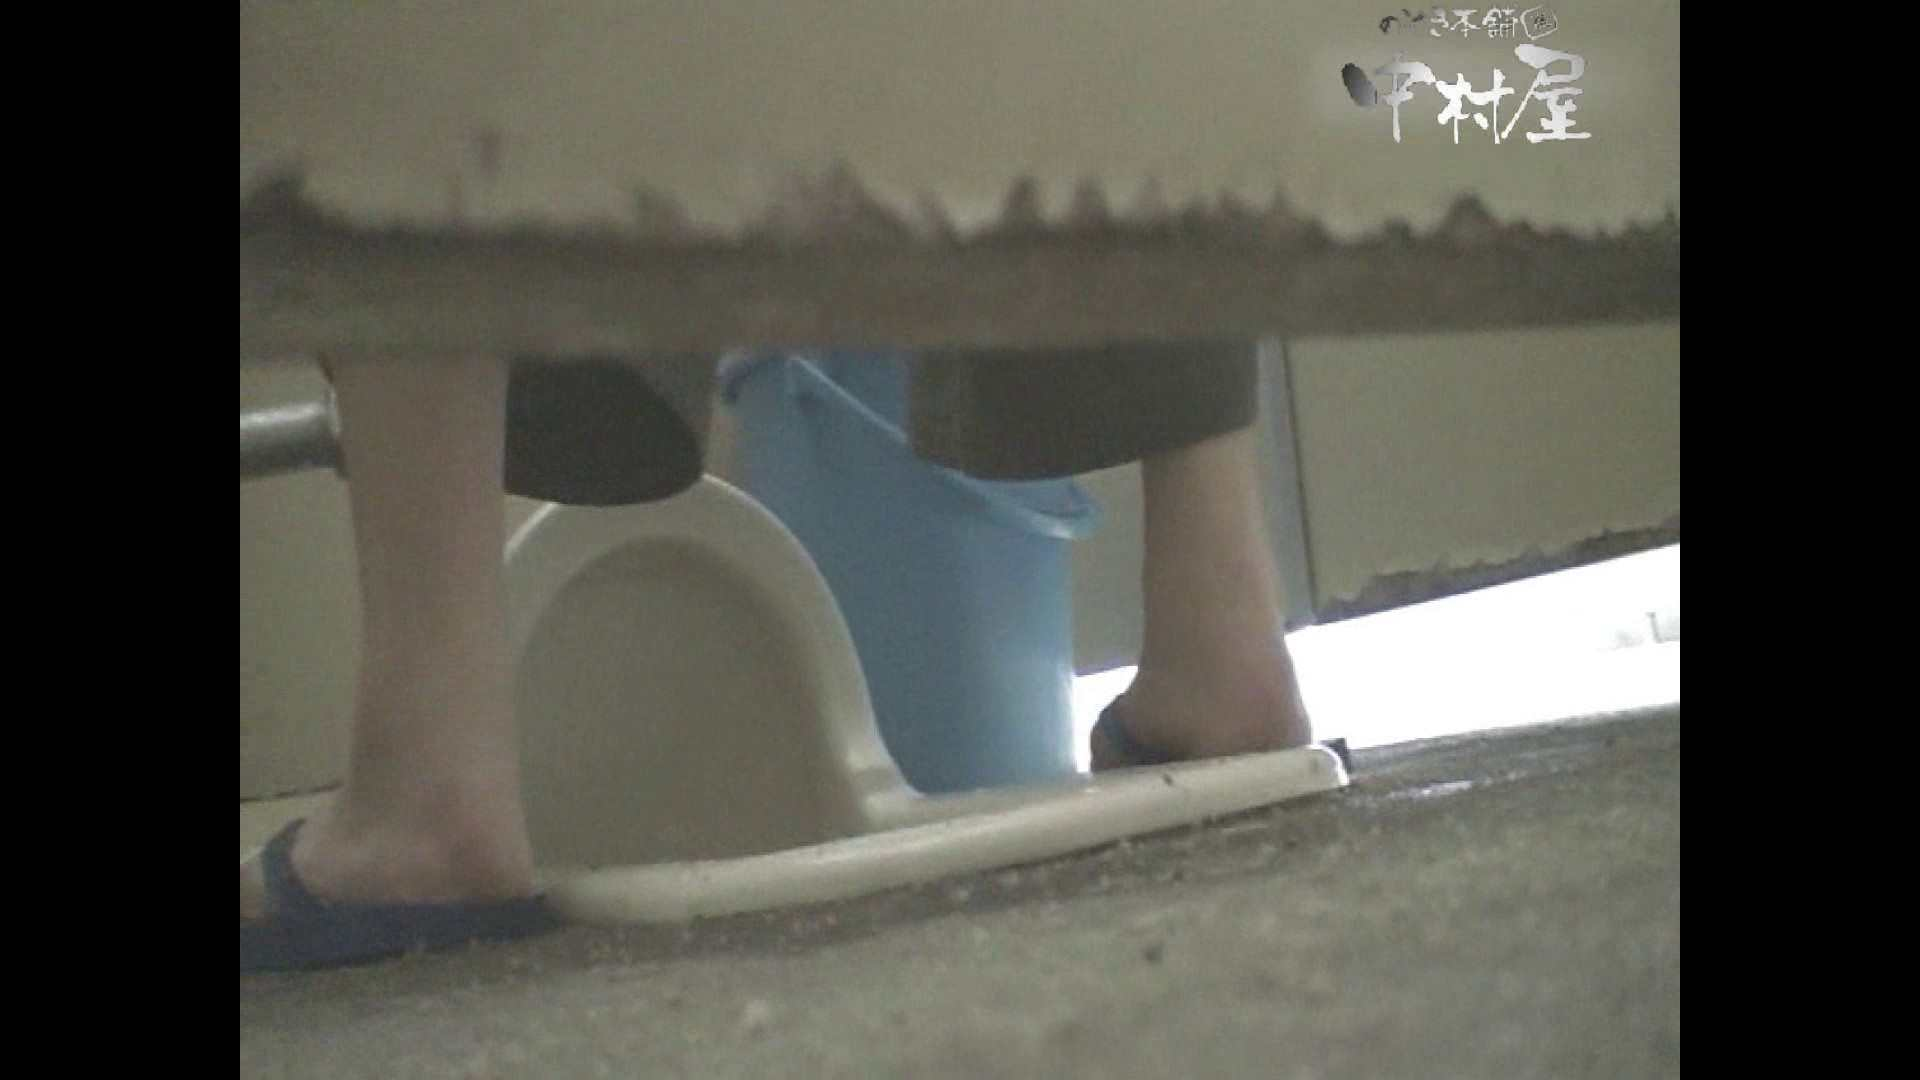 岩手県在住盗撮師盗撮記録vol.15 お姉さんのエロ動画 盗み撮り動画 111PIX 93